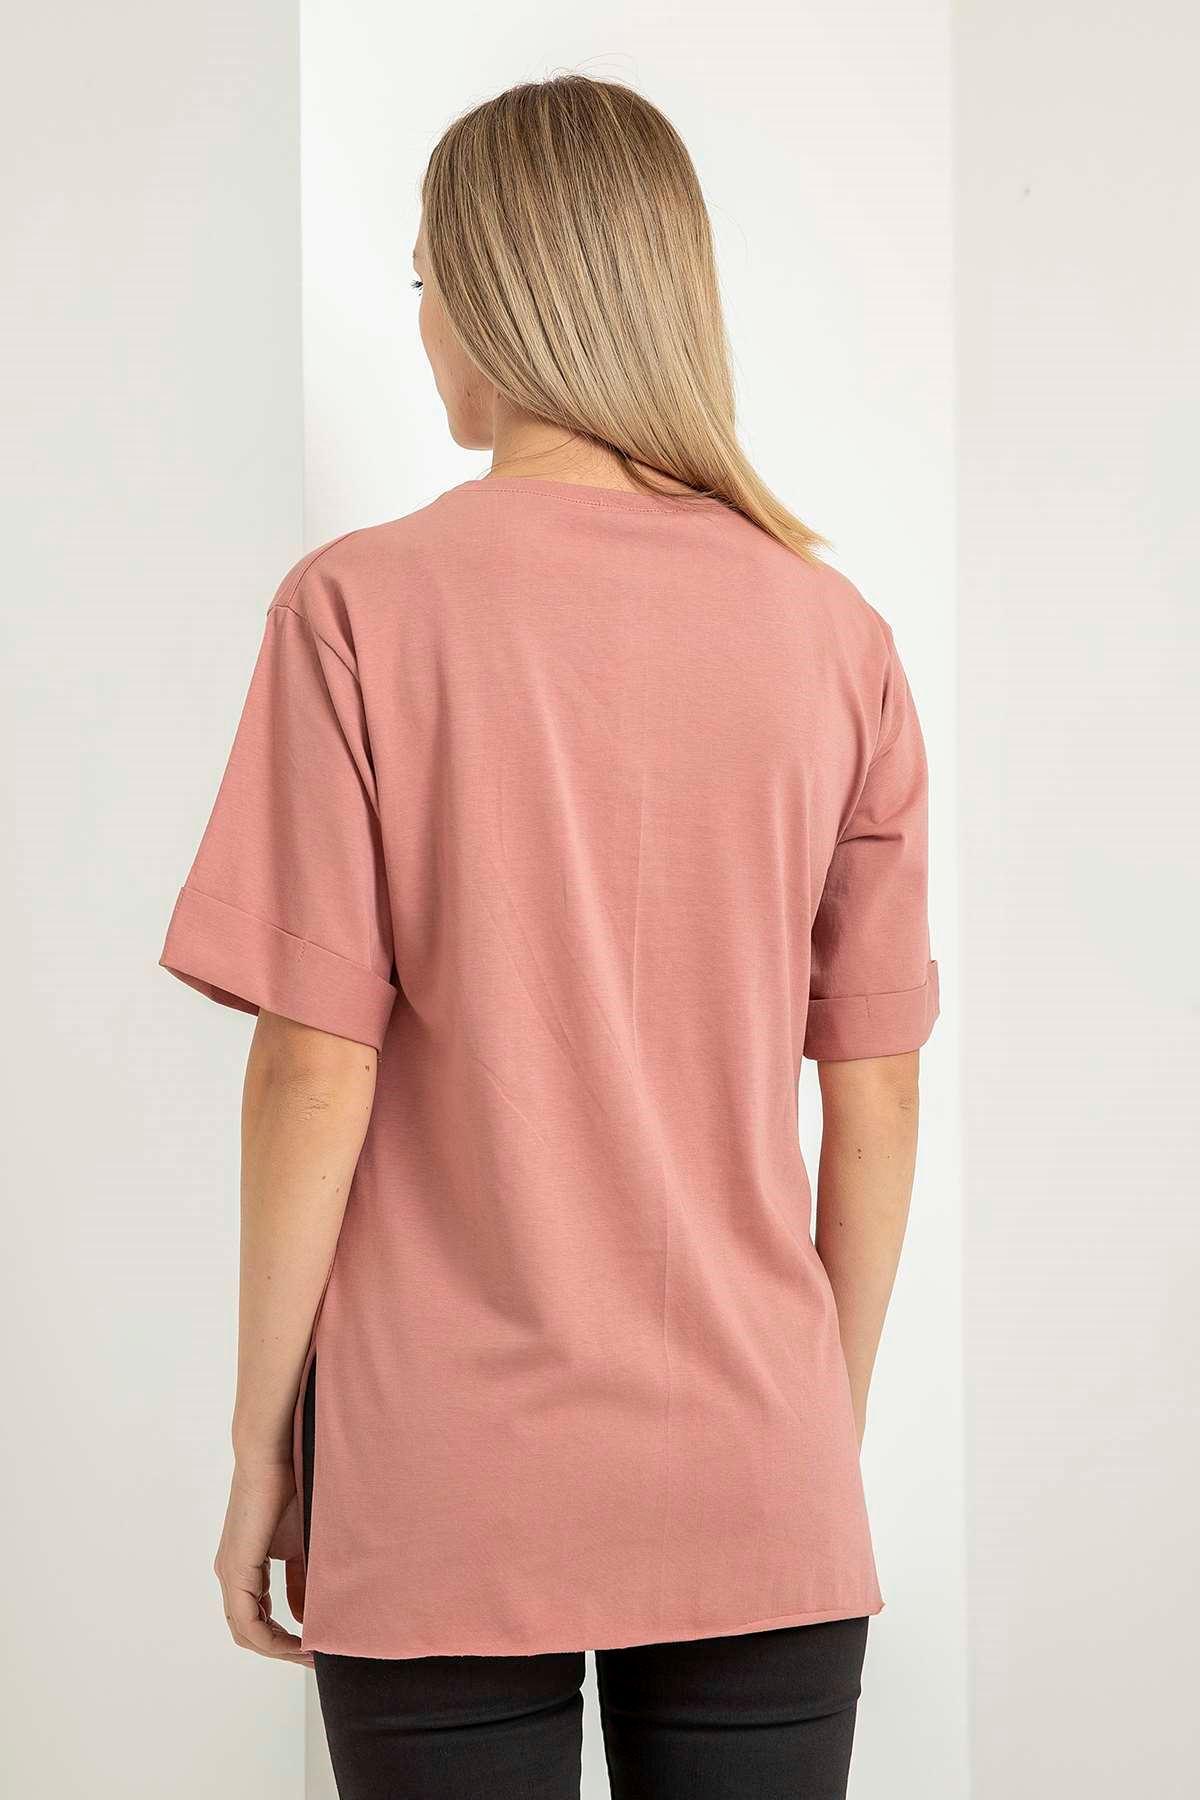 Çiçekli Kız Baskılı T-Shirt-Gül Kurusu